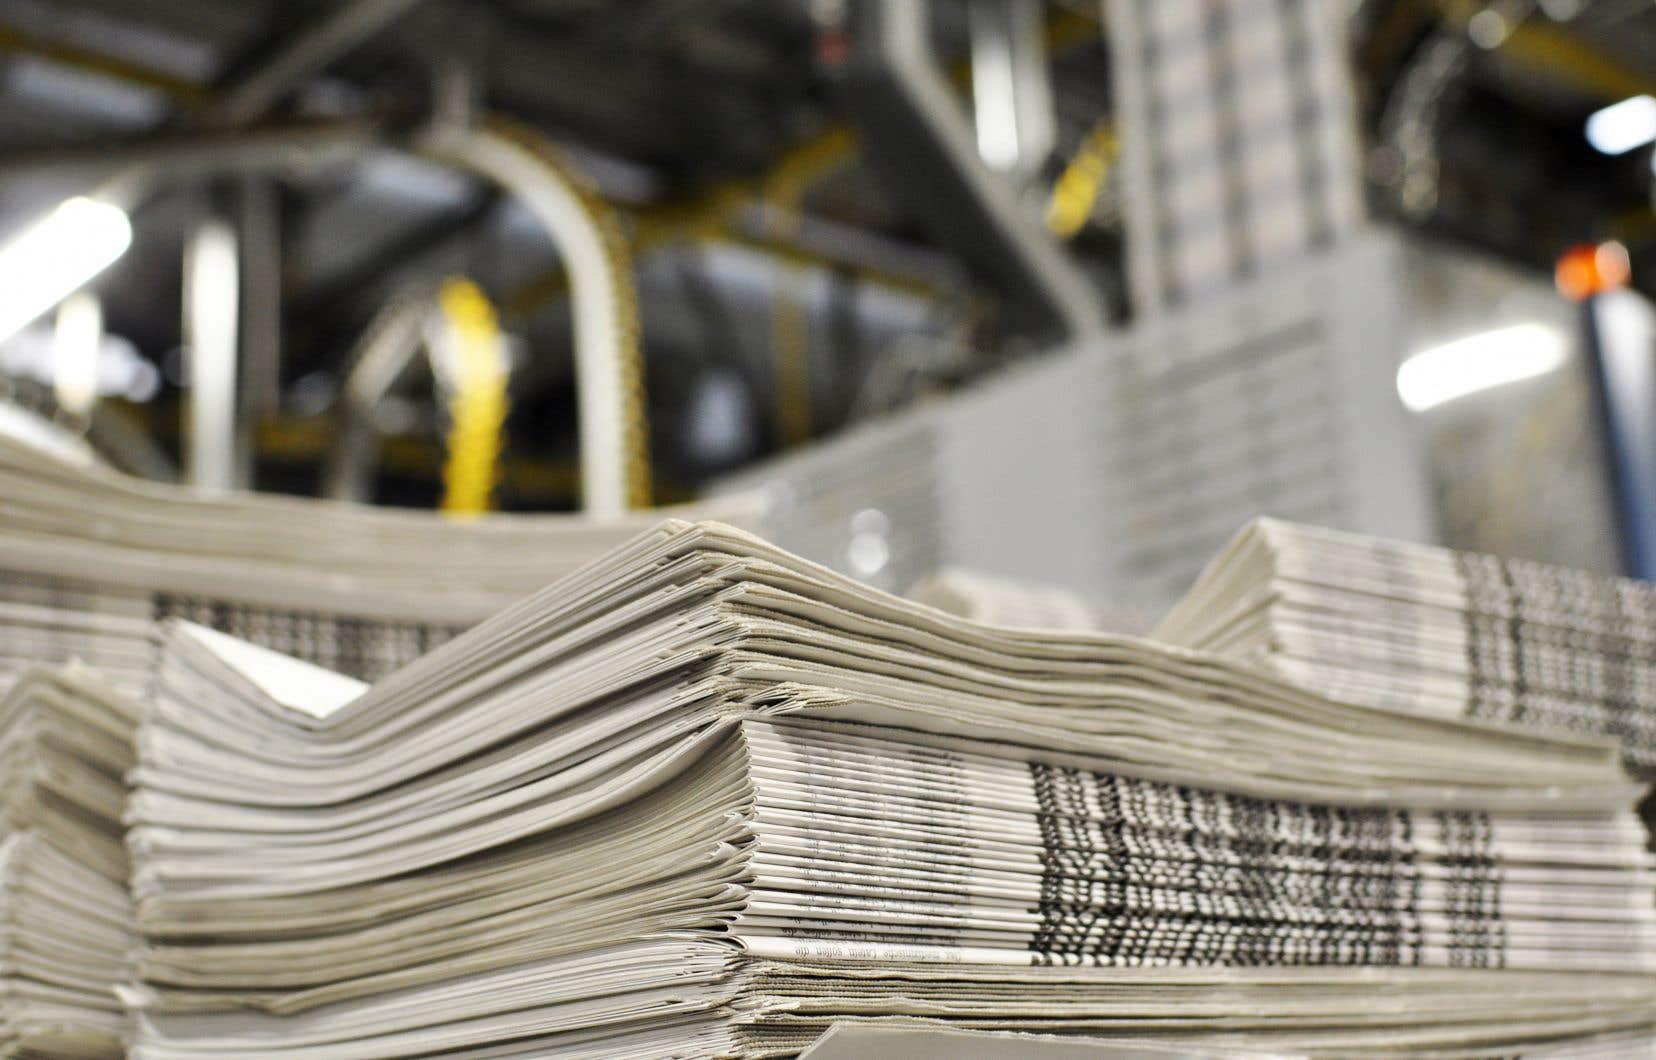 Ottawa espère proposer un projet de loi rapidement, idéalement d'ici la fin de l'année ou alors en 2021, qui obligerait les plateformes numériques à dédommager les médias traditionnels lorsqu'elles partagent leur contenu.